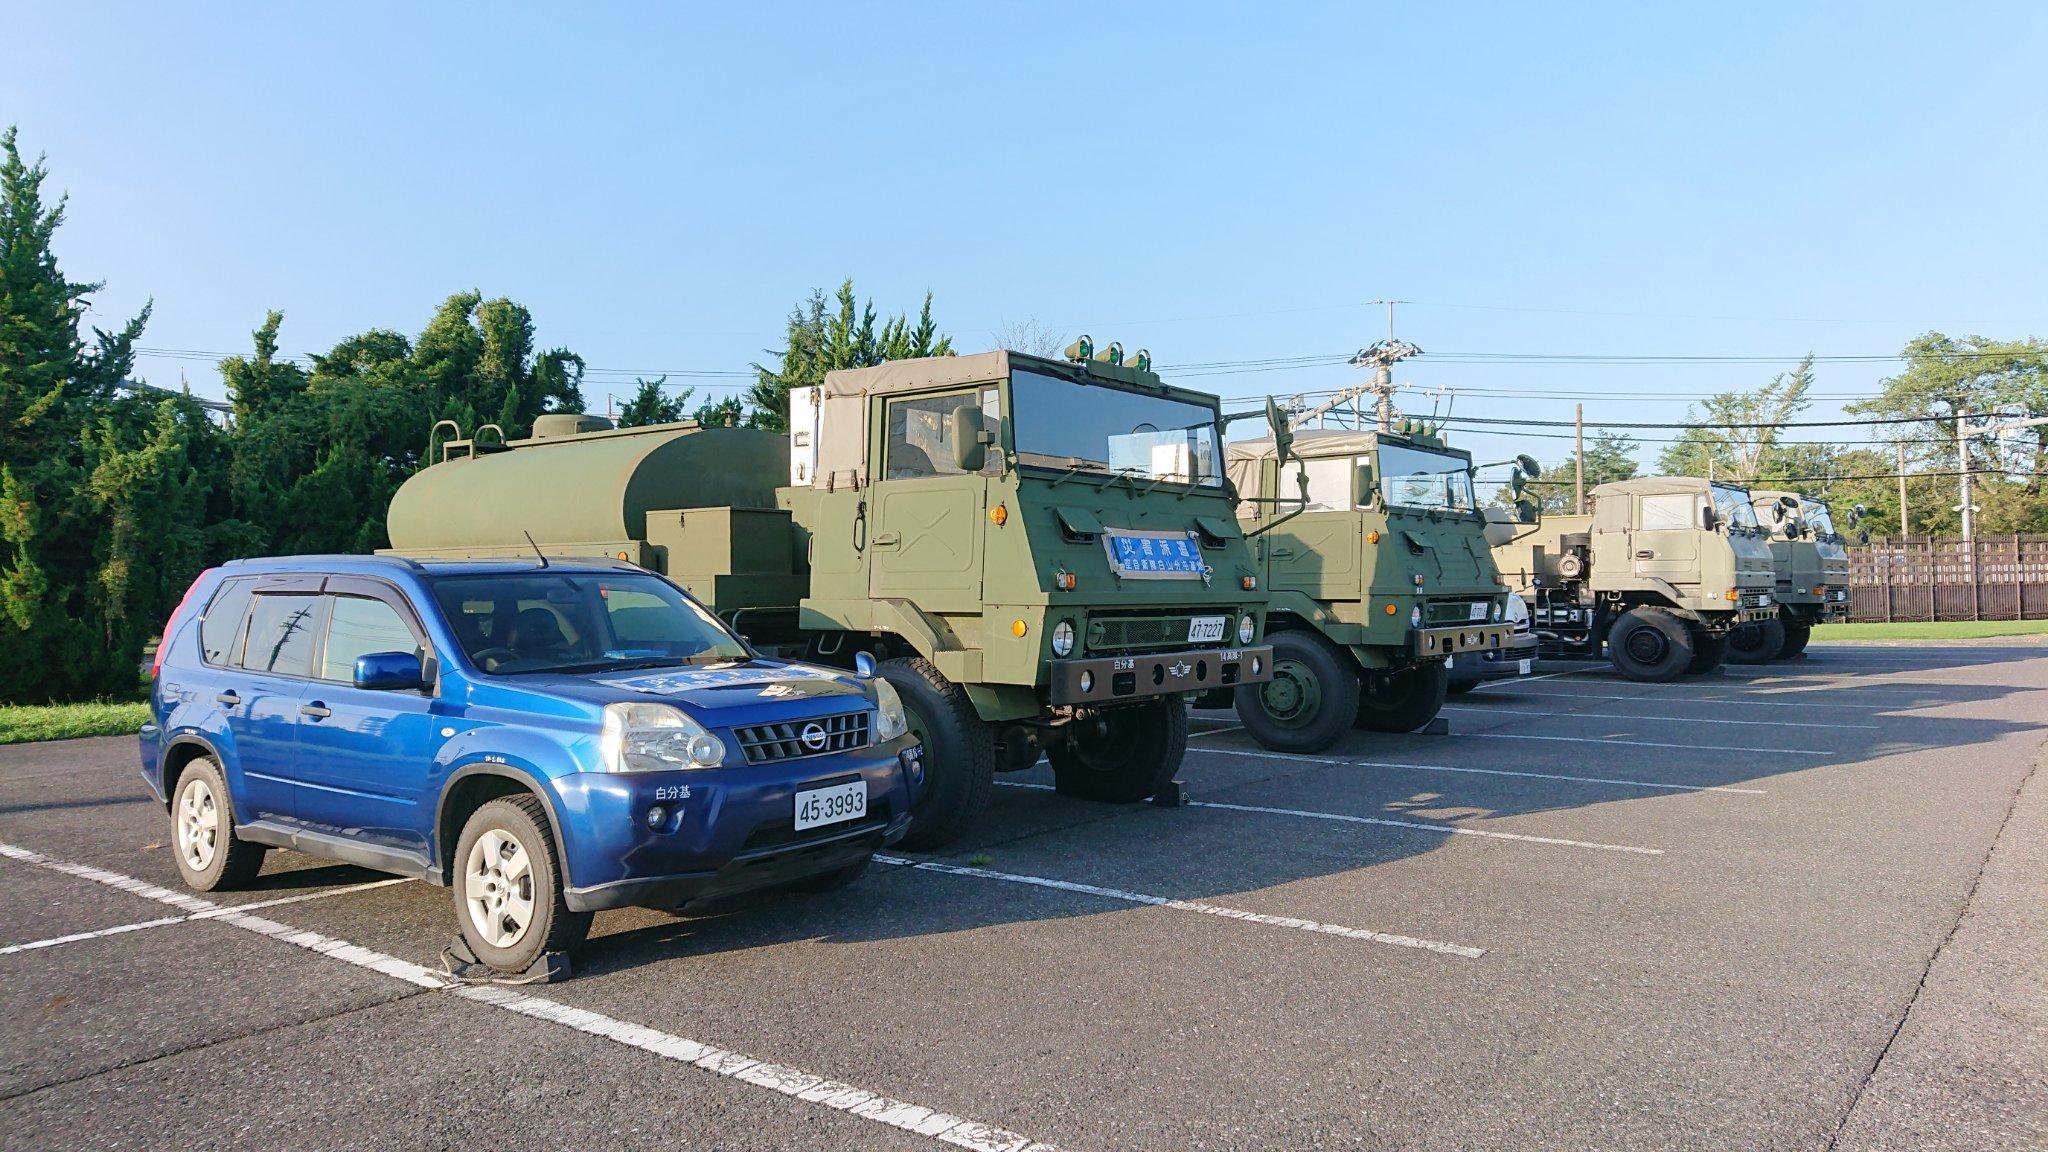 画像,入間基地は千葉県からの災害派遣要請を受け、千葉県内の病院等への給水支援のため、給水車を派遣するとともに、中空隷下災害派遣部隊の受入を実施しています。#航空自衛隊…